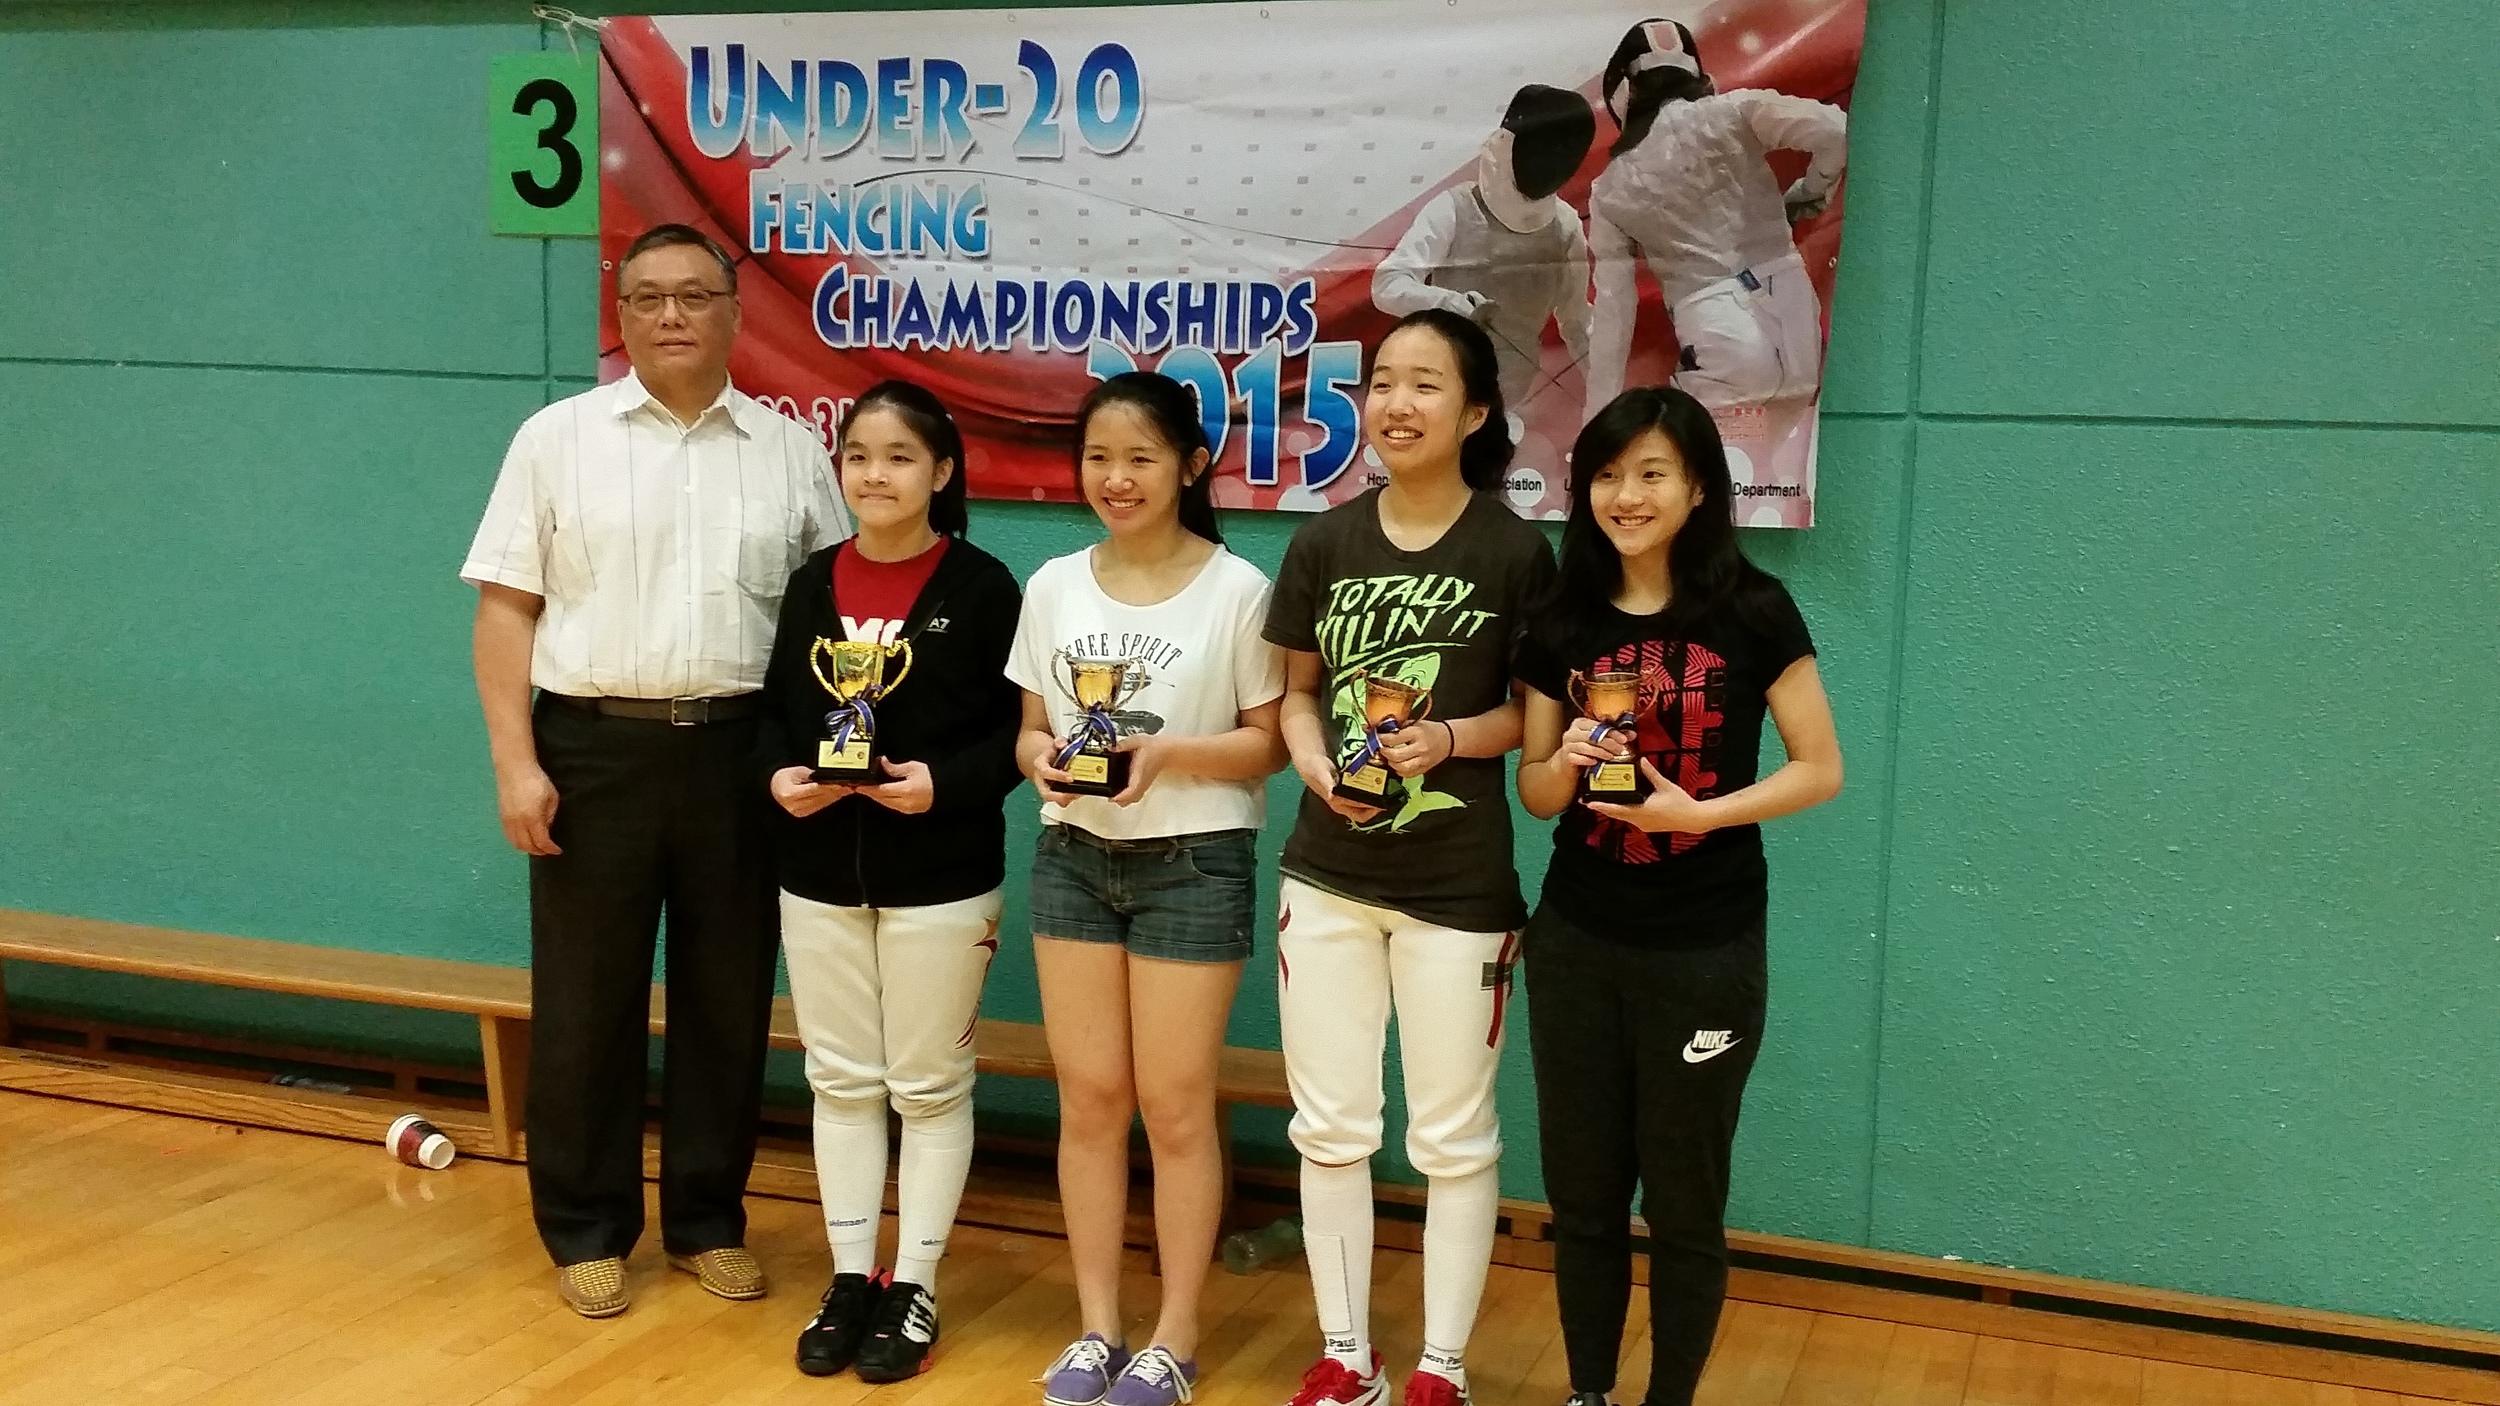 Maxine Wong Hong Kong Under-17 Fencing Championships 2015 1.jpg